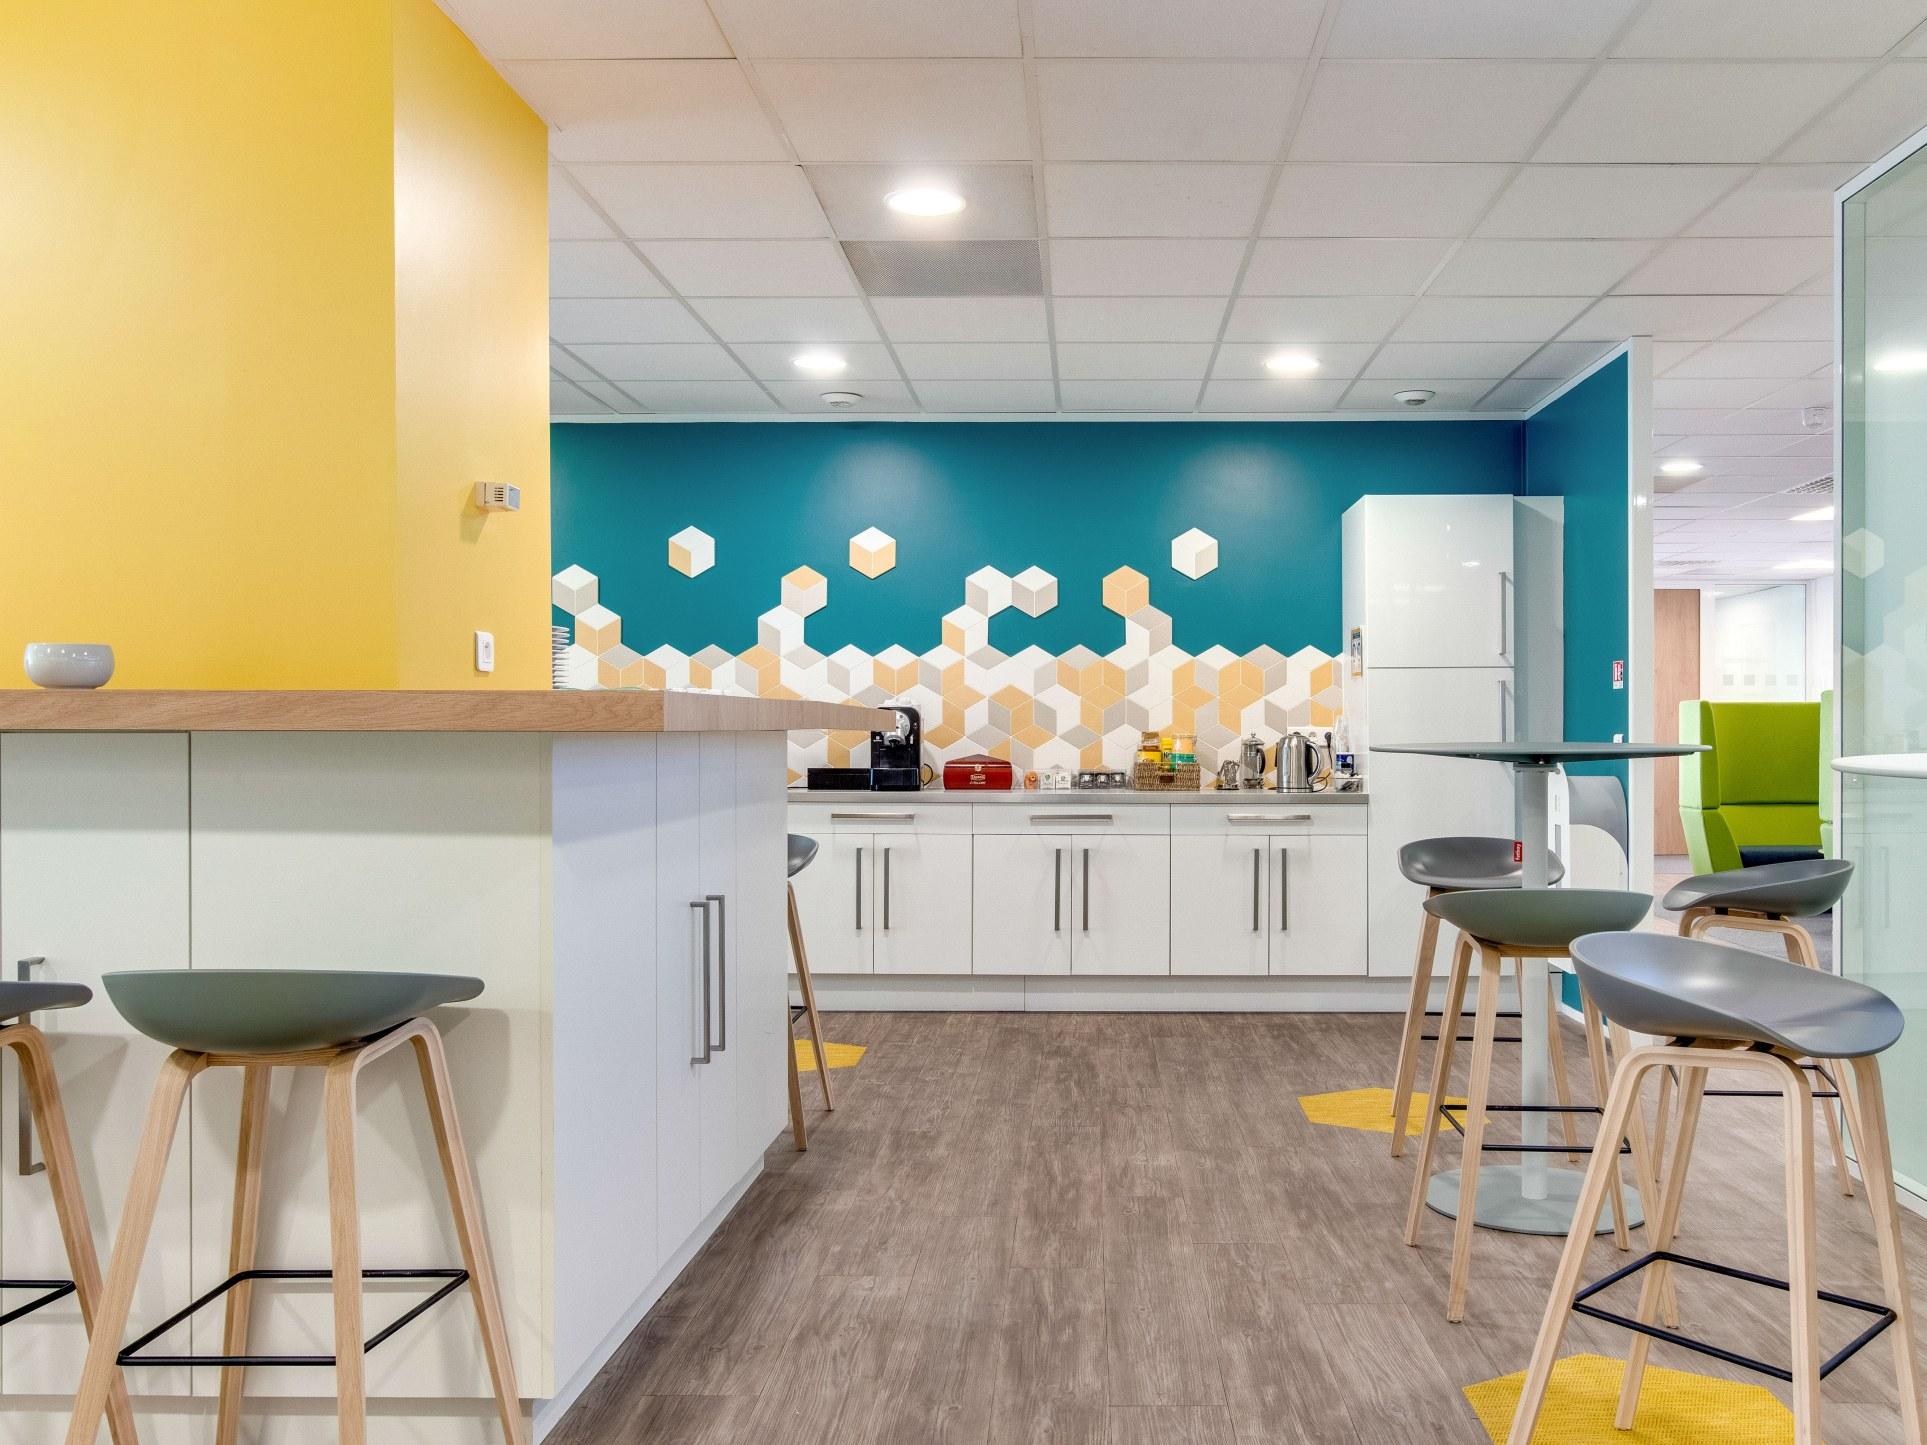 Architecte décorateur intérieur lounge bar entreprise